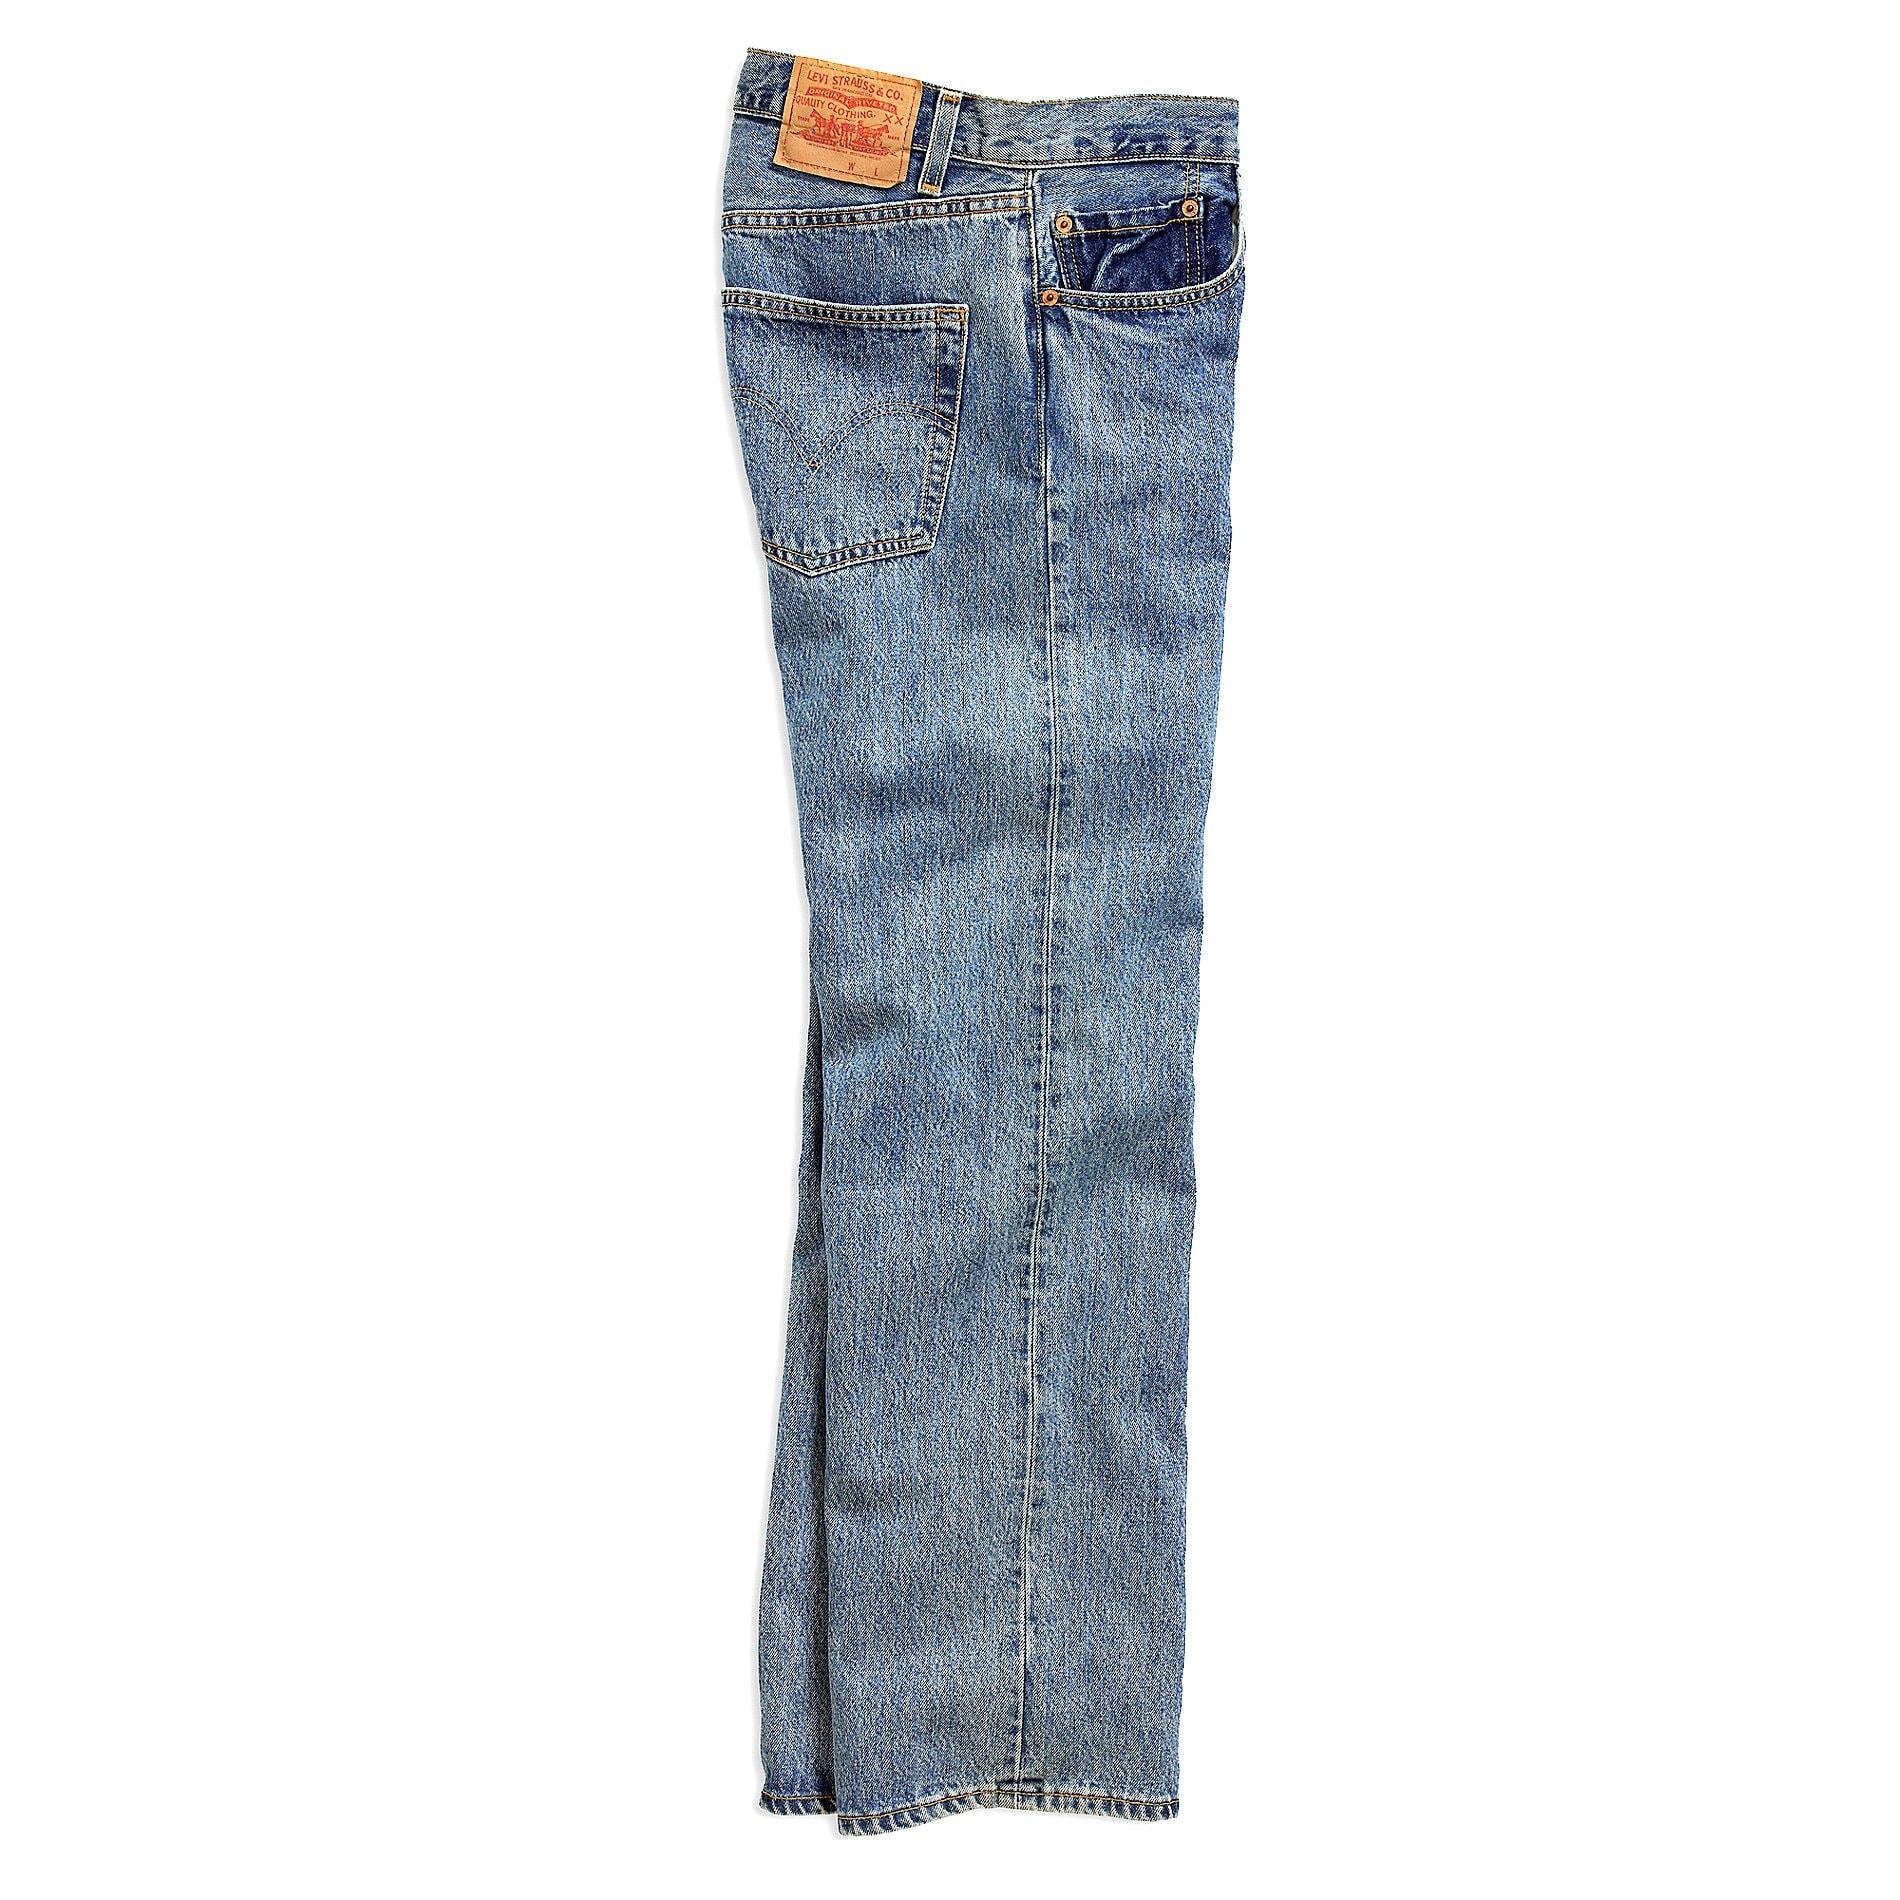 Jeans 501 Original Fit Levi's